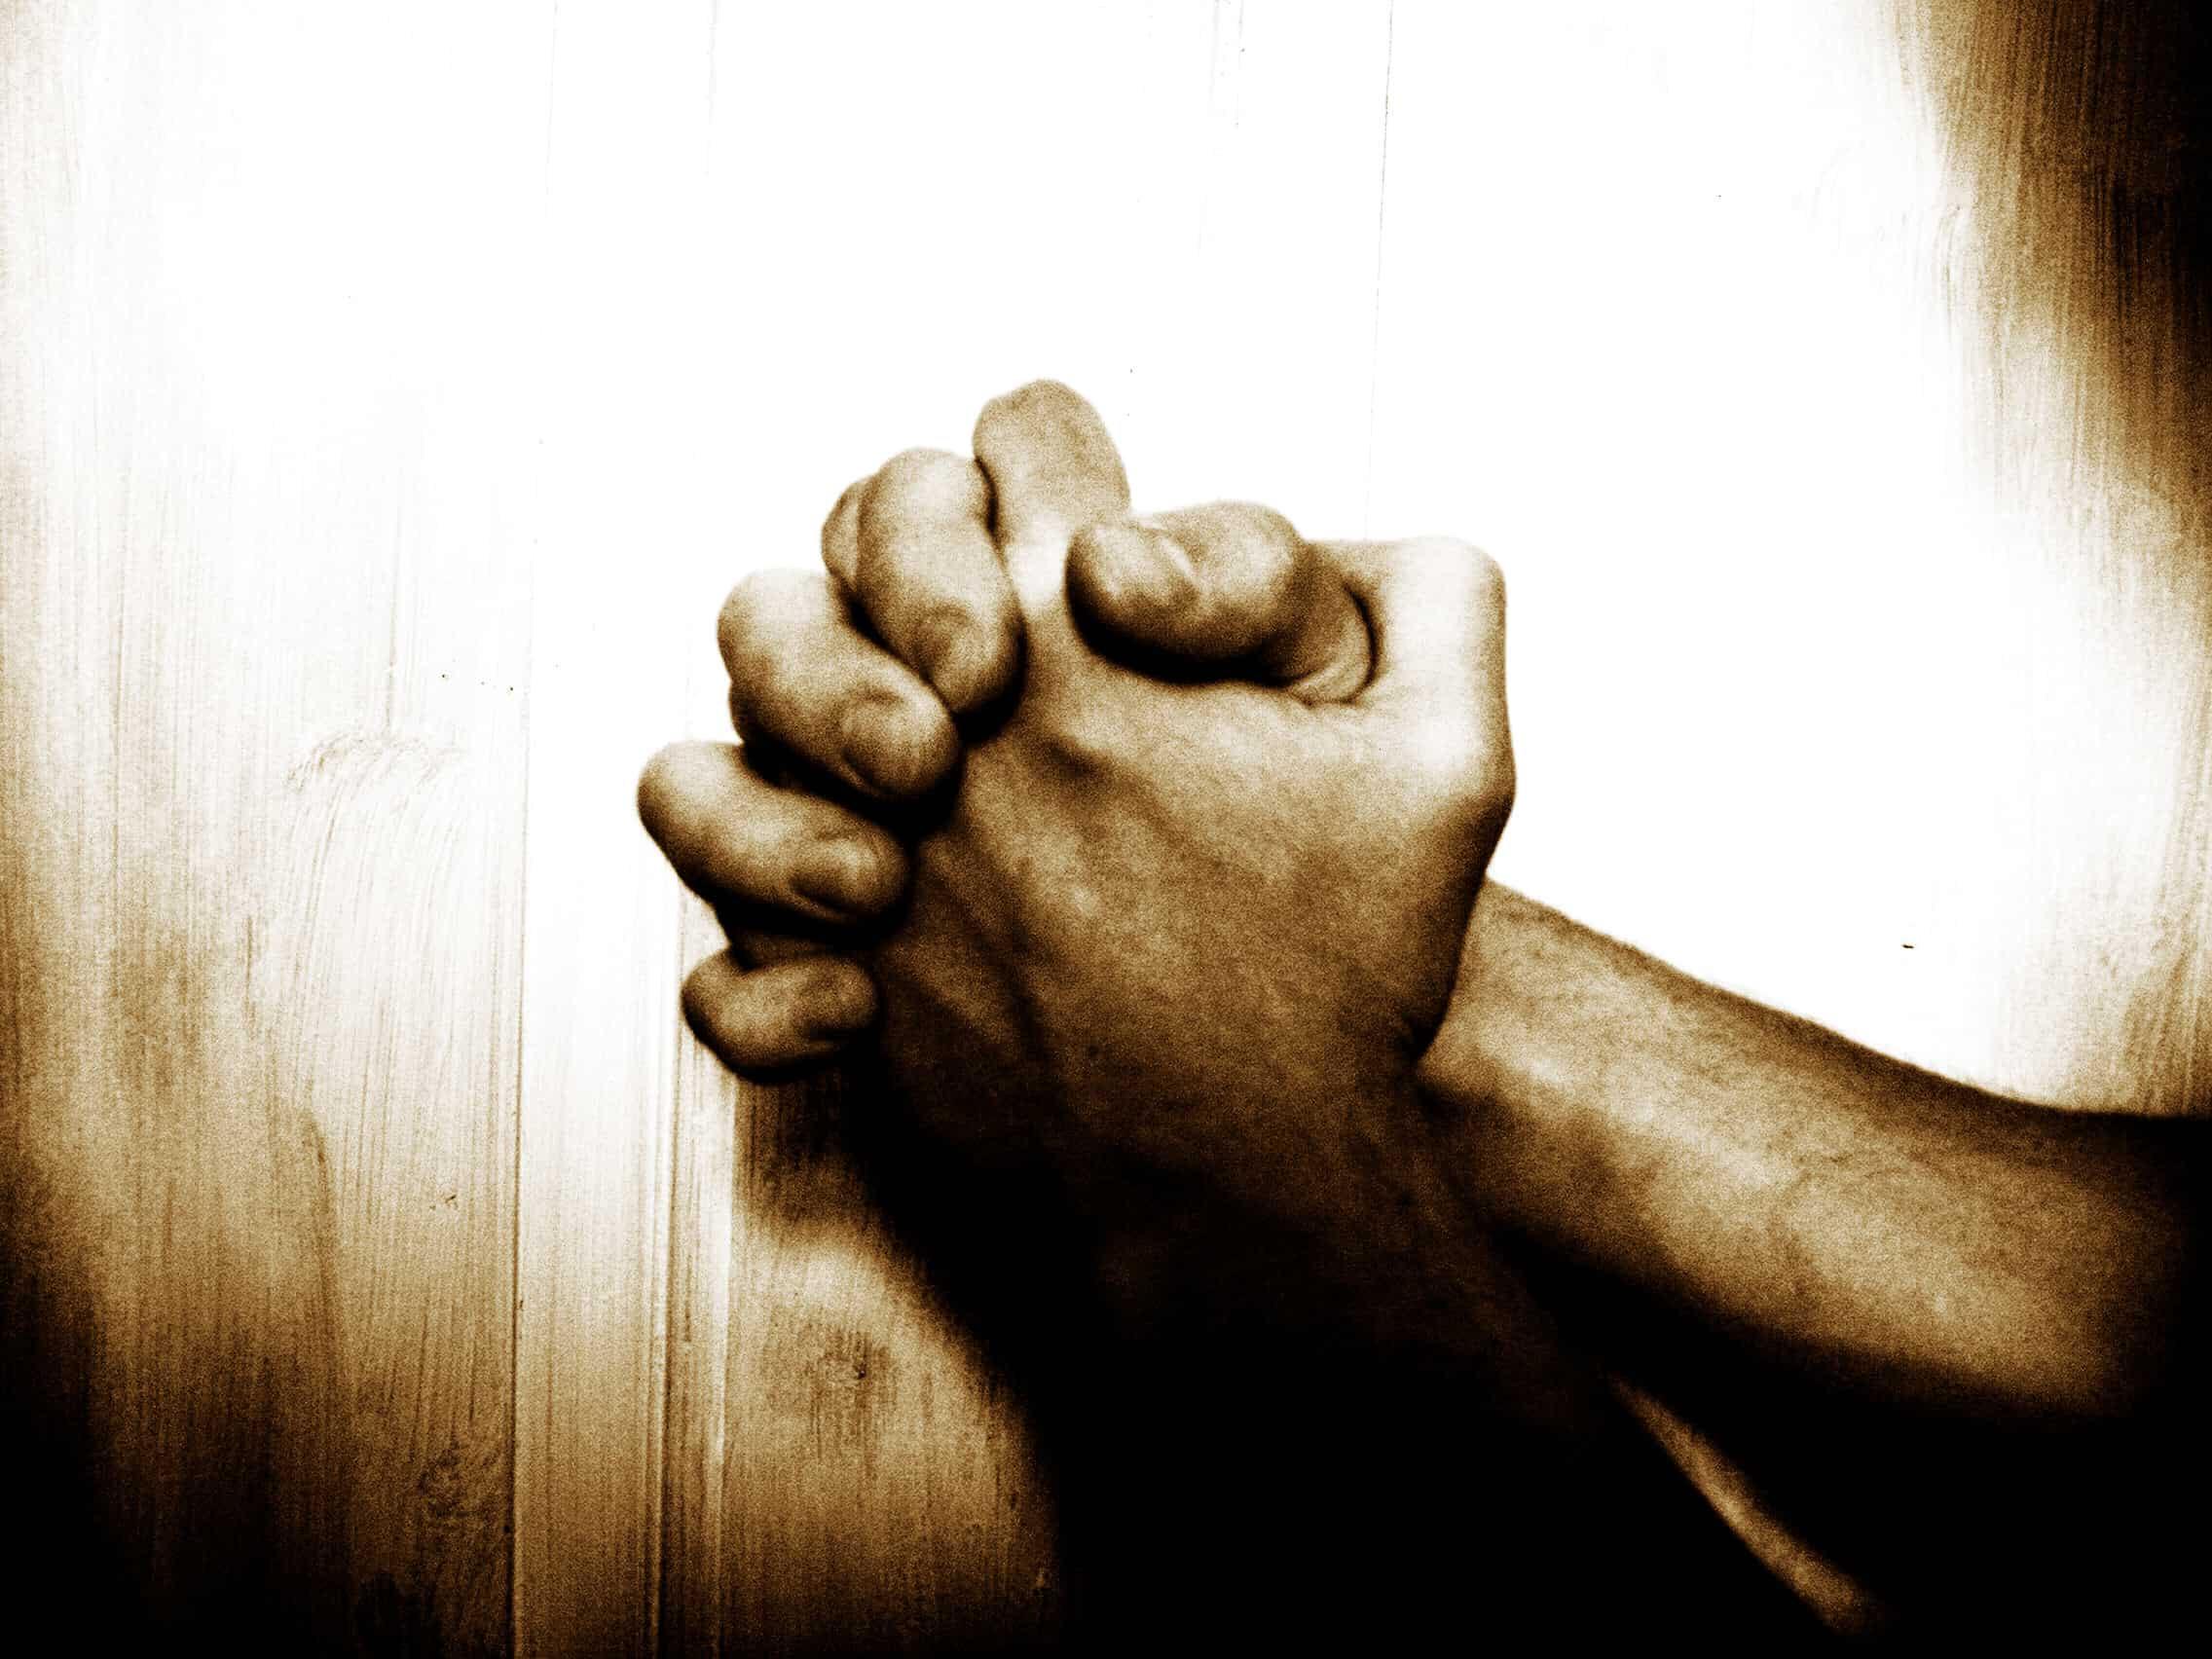 http://www.turnbacktogod.com/wp-content/uploads/2008/08/prayer-for-the-media.jpg